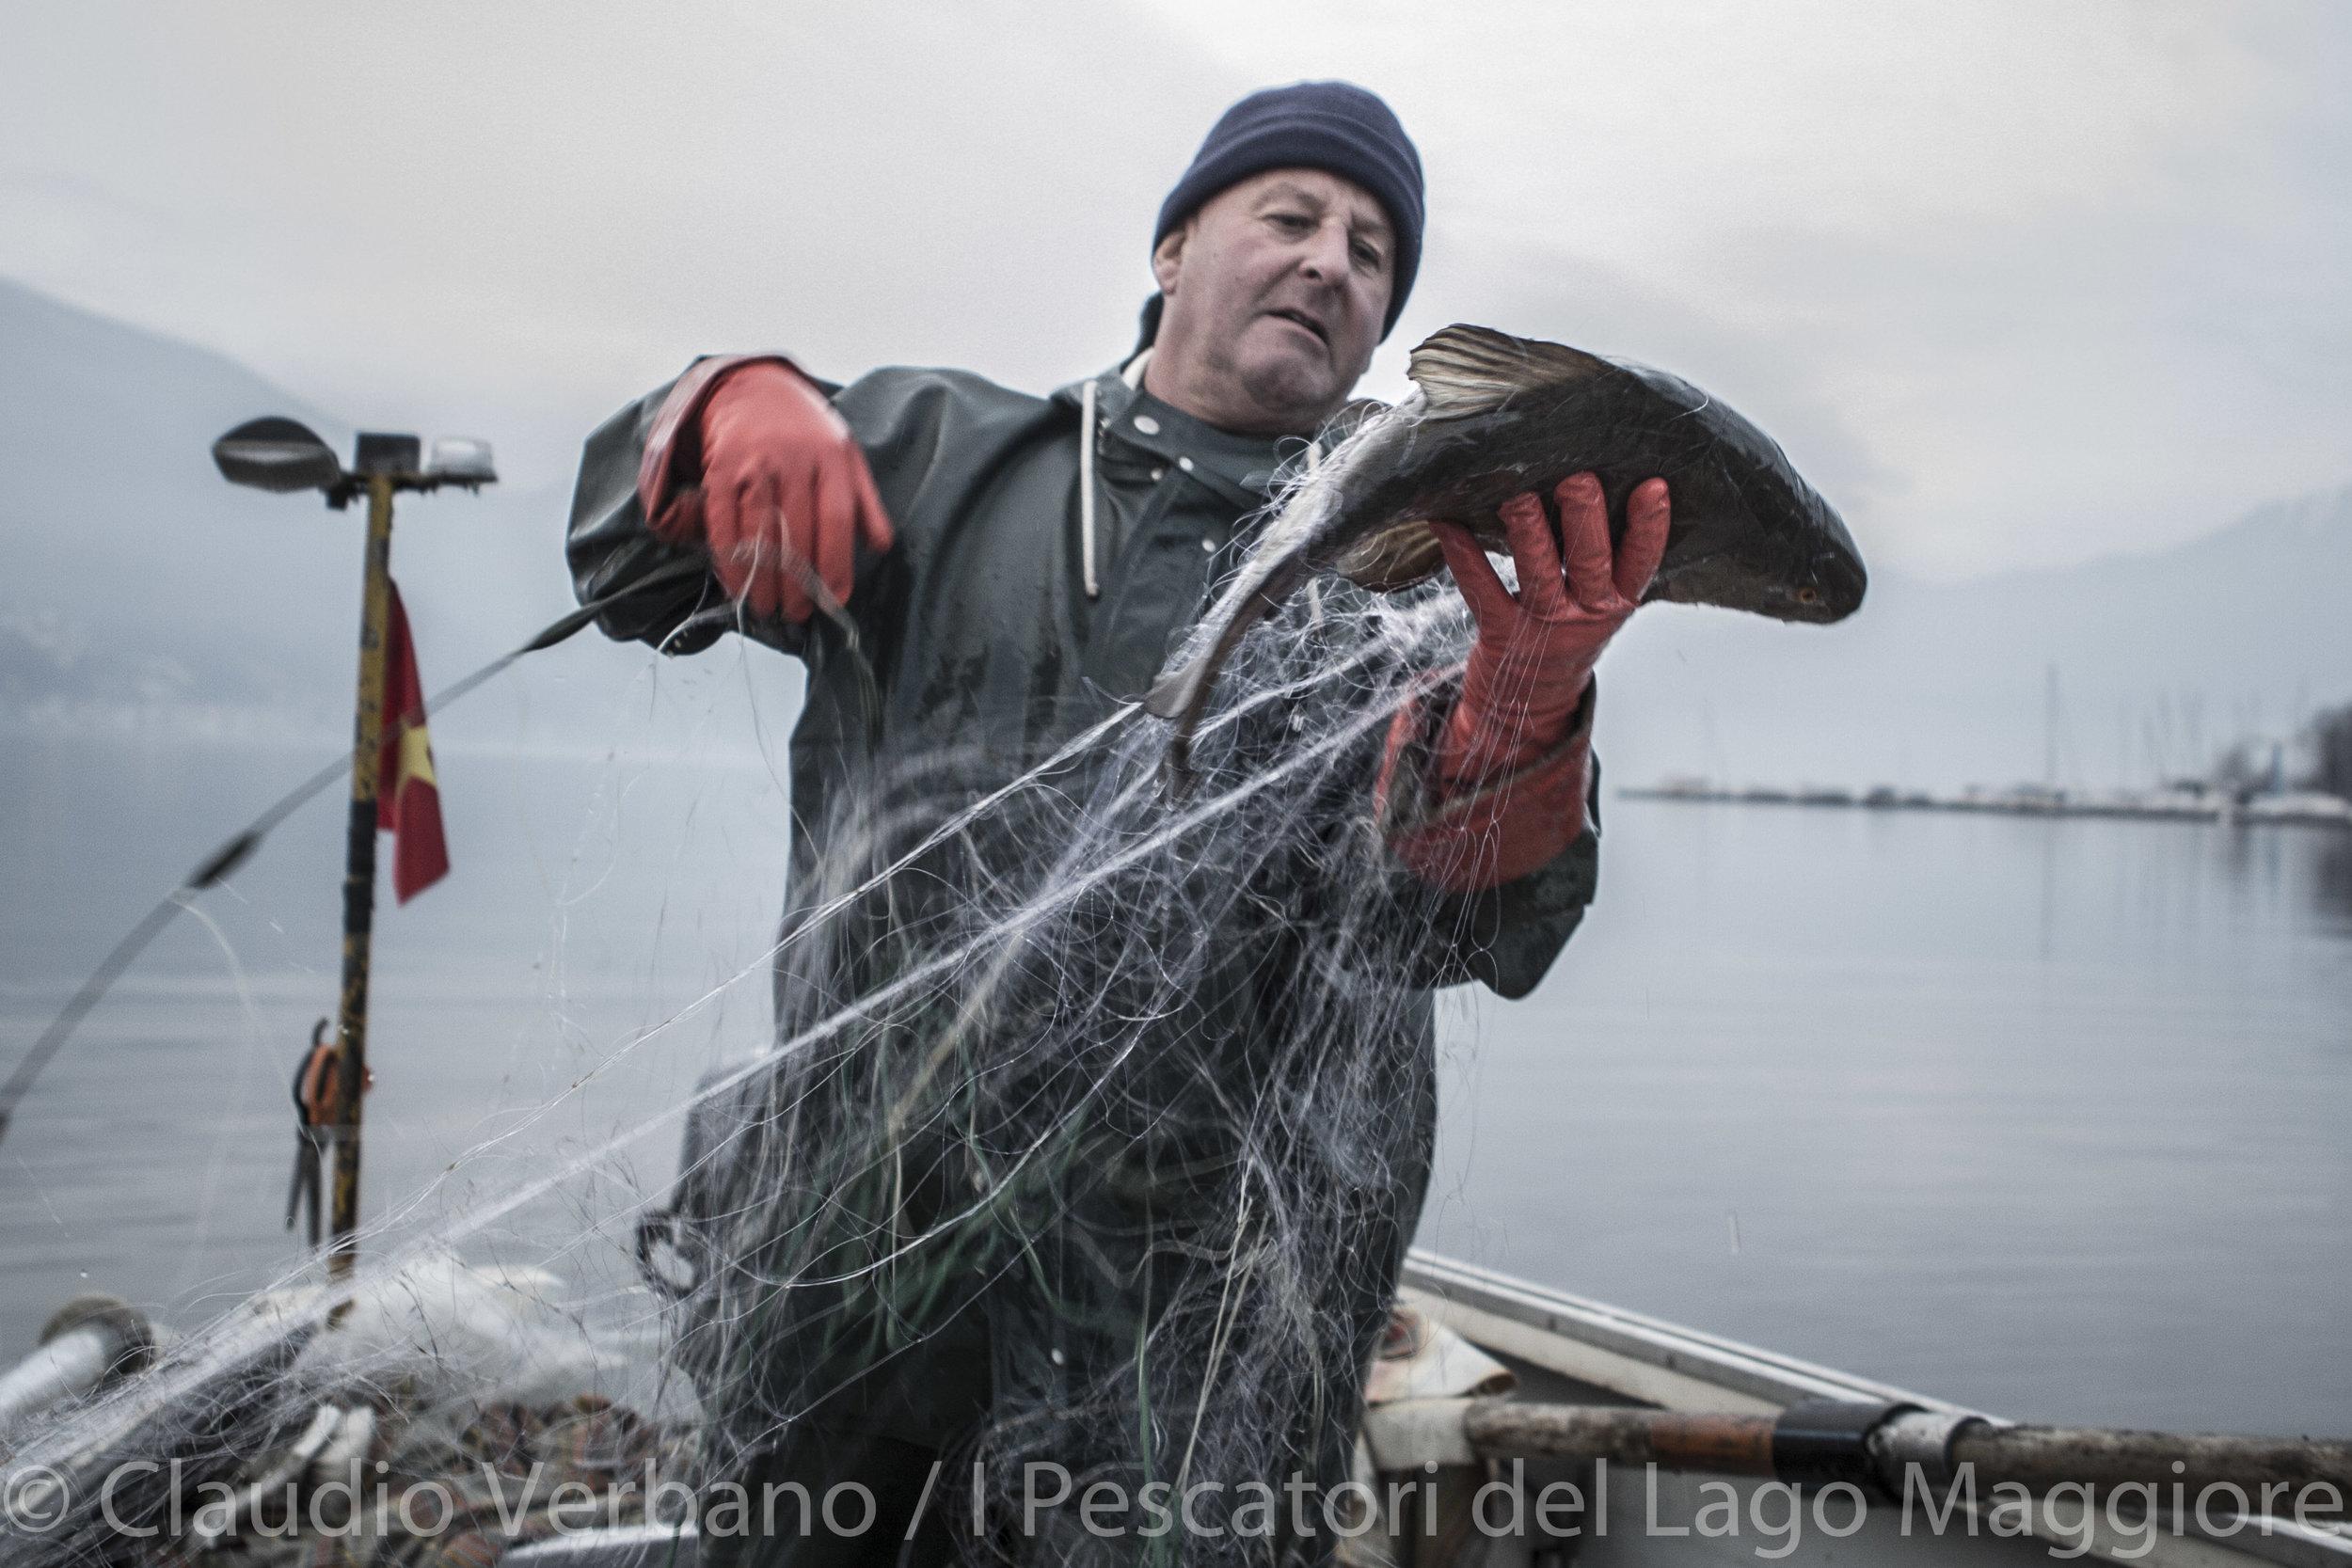 ClaudioVerbano_I Pescatori del Lago Maggiore_17.jpg